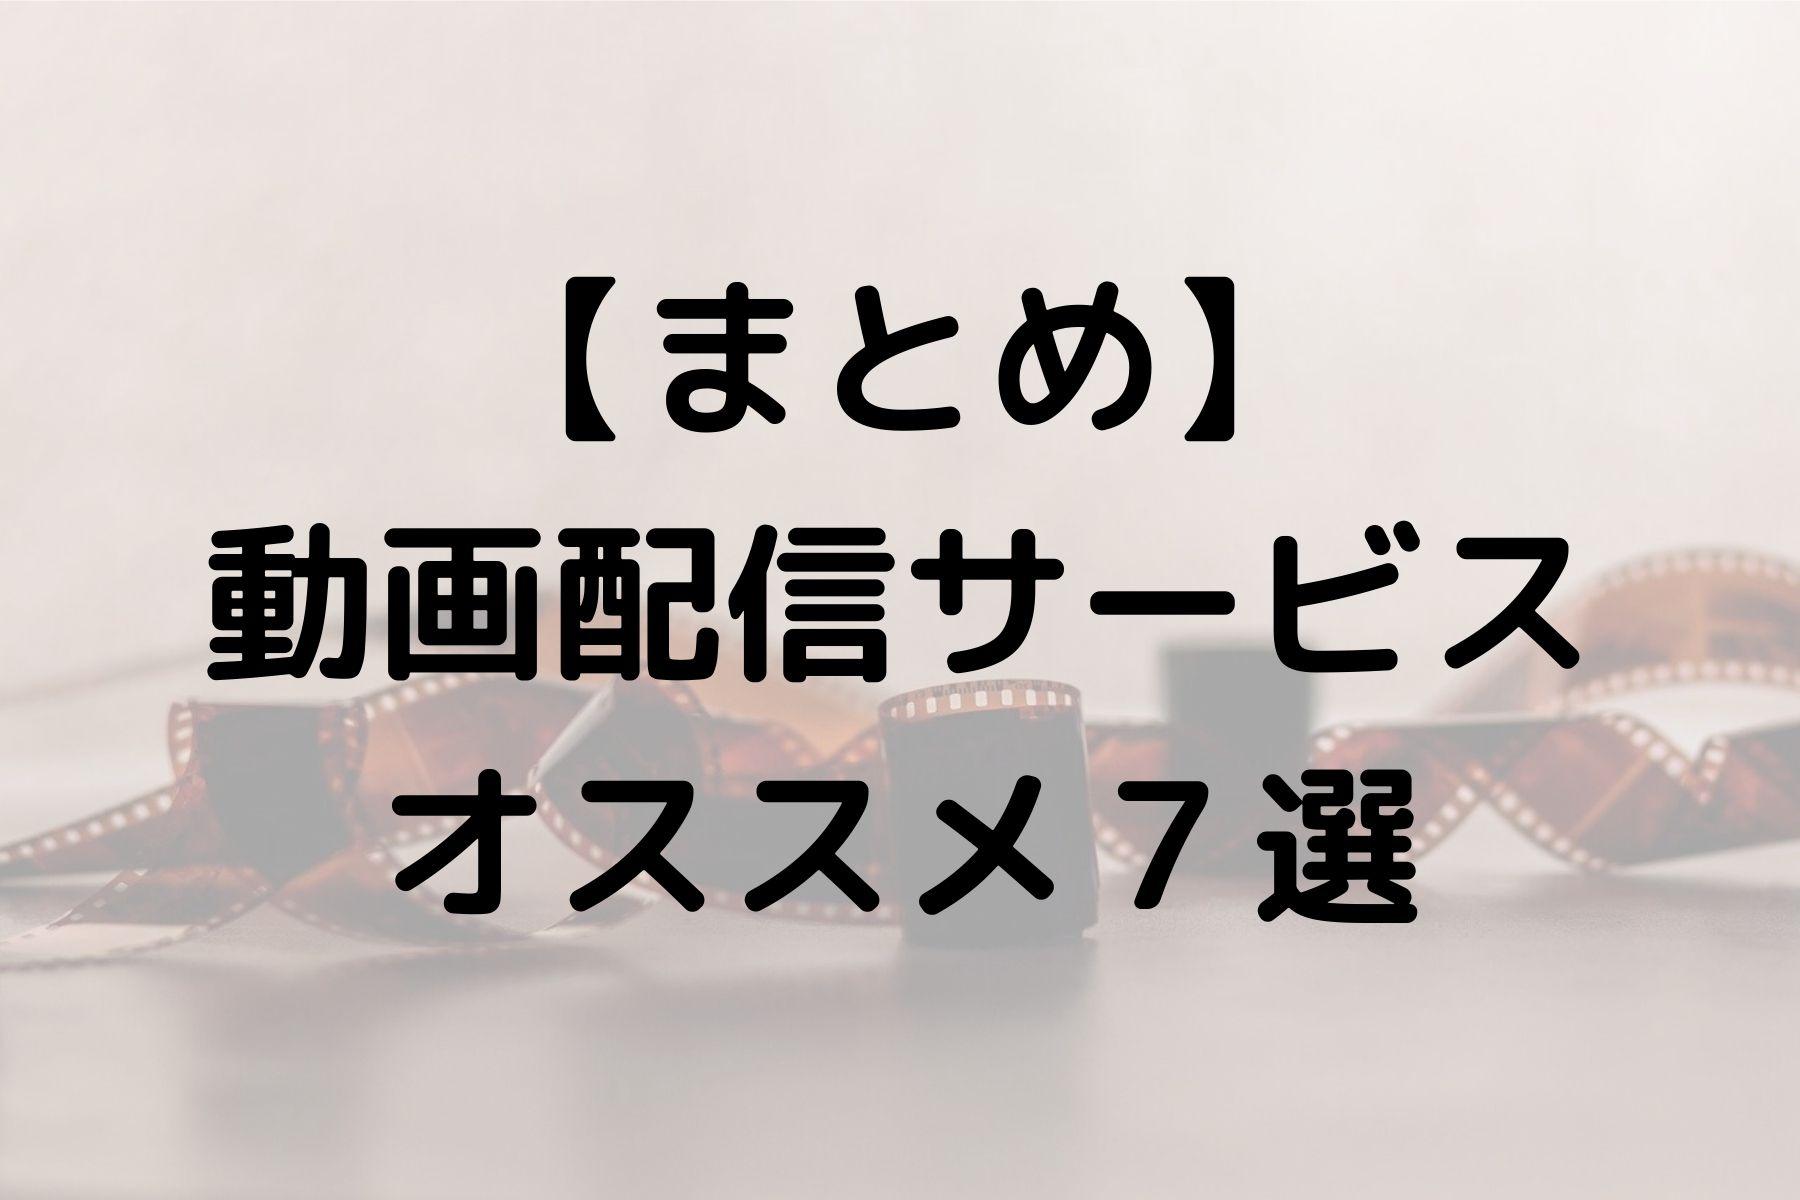 動画配信サービス 〜まとめ〜